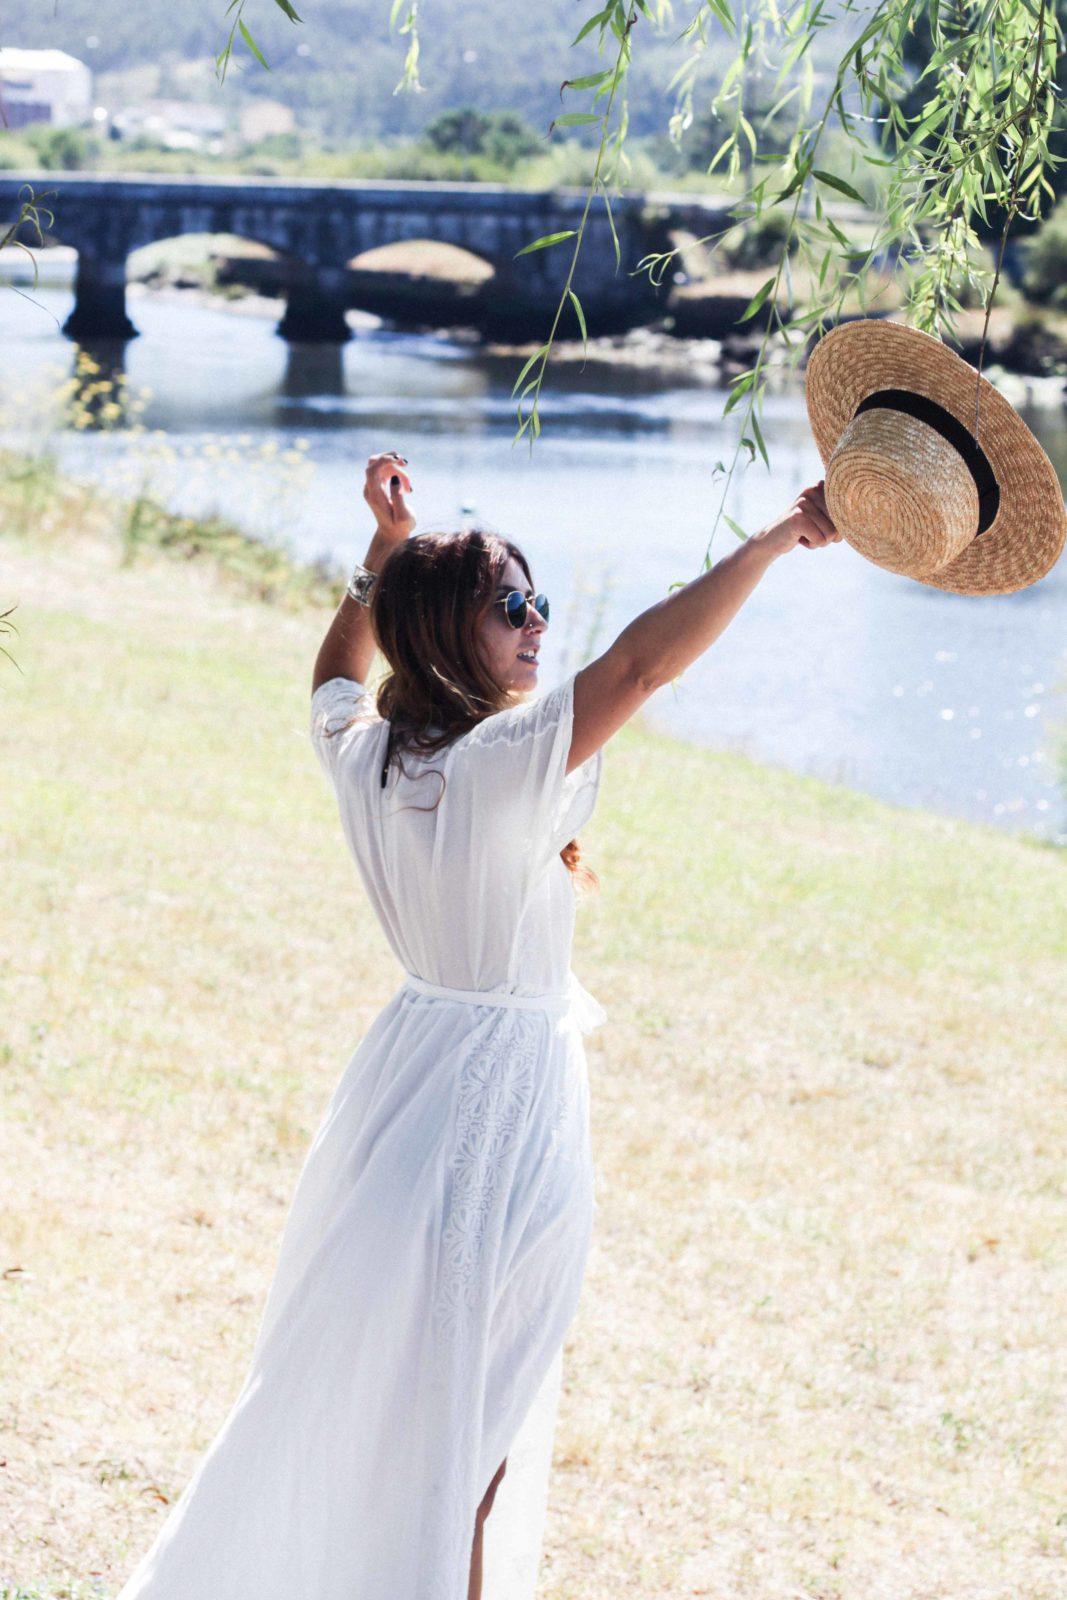 vestido_blanco_canotier_shorts-47